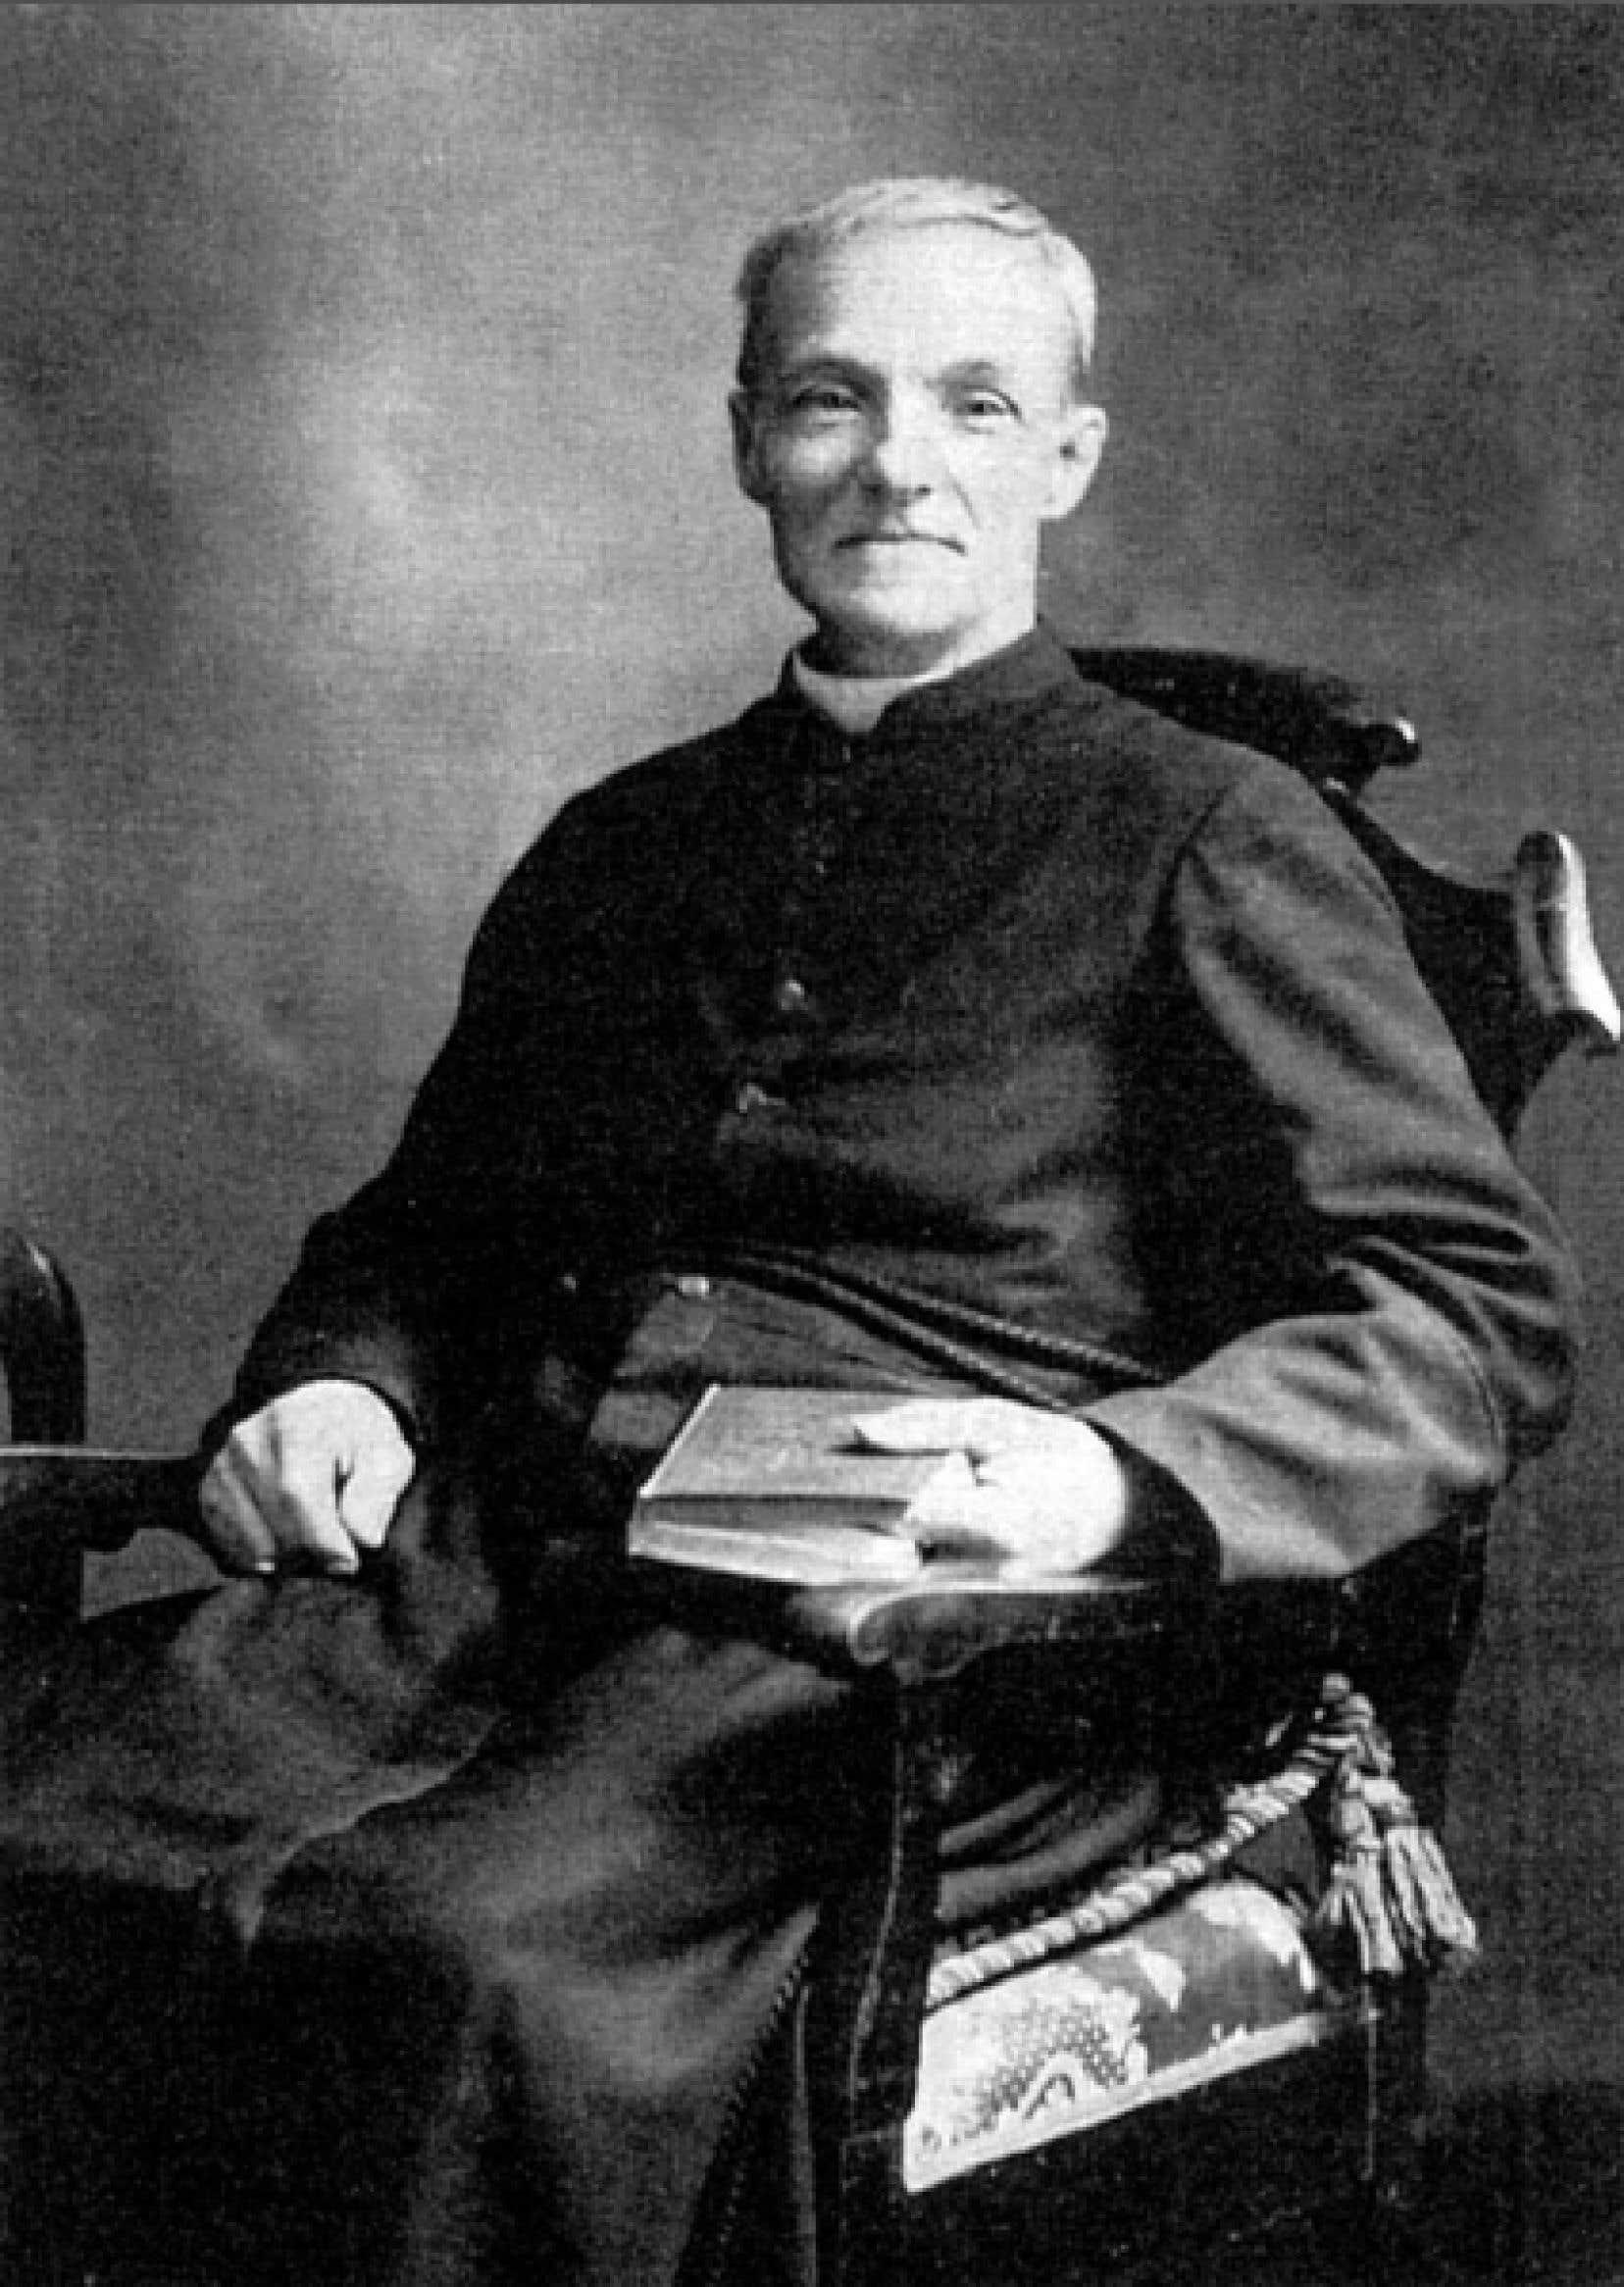 En 1909, le frère André est relevé de sa fonction de portier et se consacre à ses œuvres. <br />